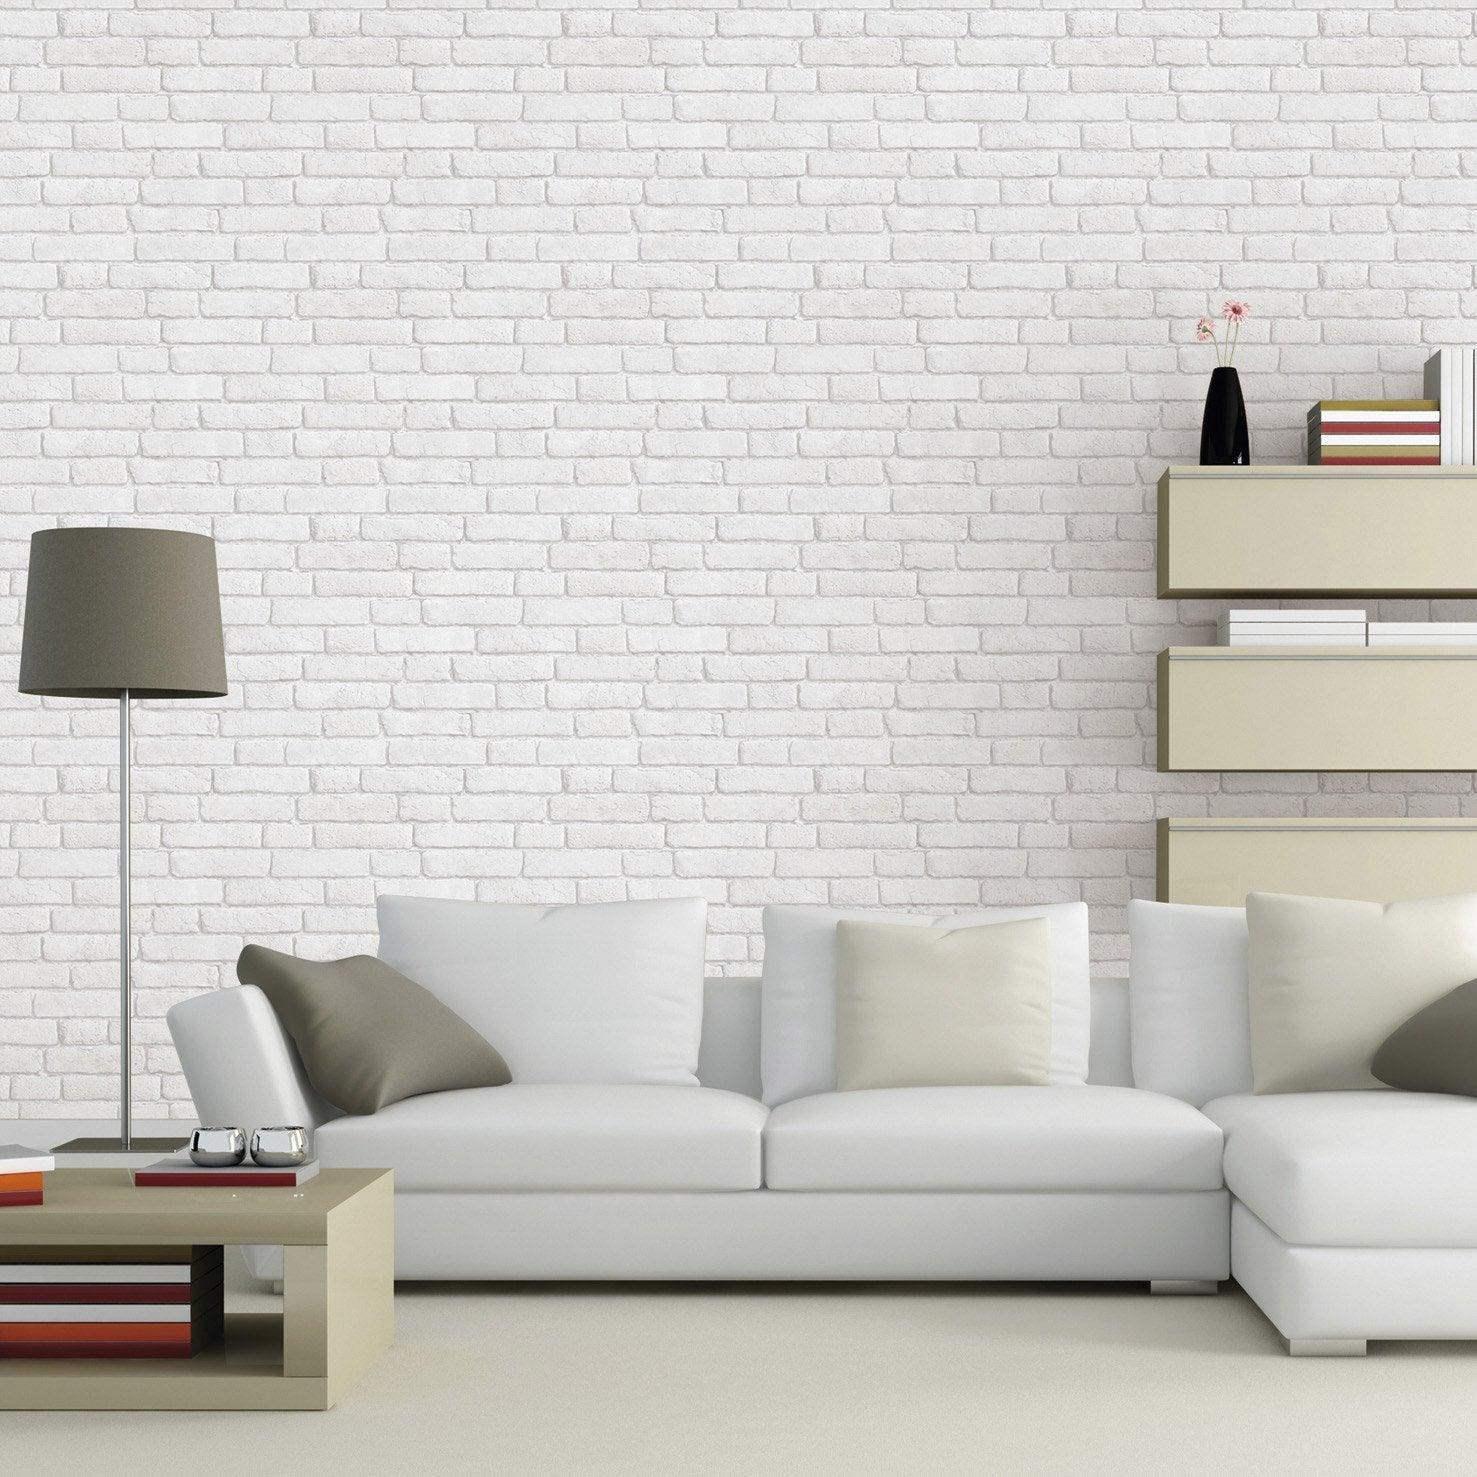 Papierpeint9 leroy merlin papiers peints - 4 murs papiers peints ...